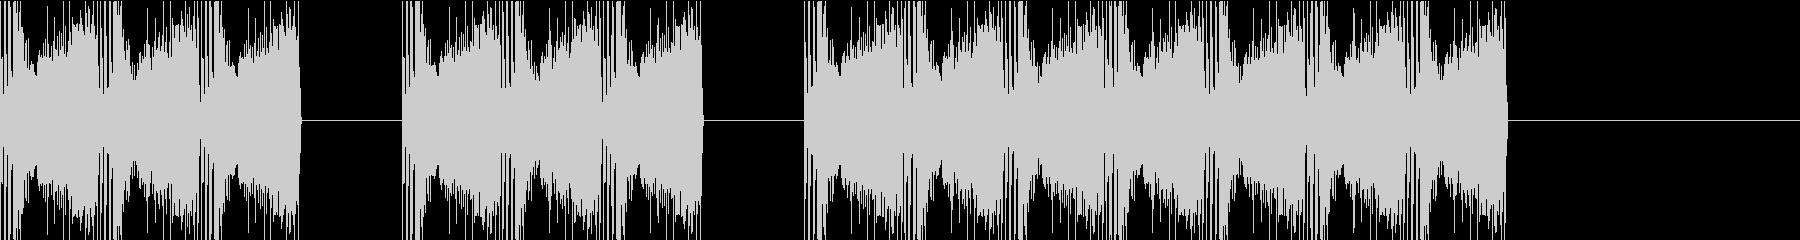 三三七拍子 その7の未再生の波形